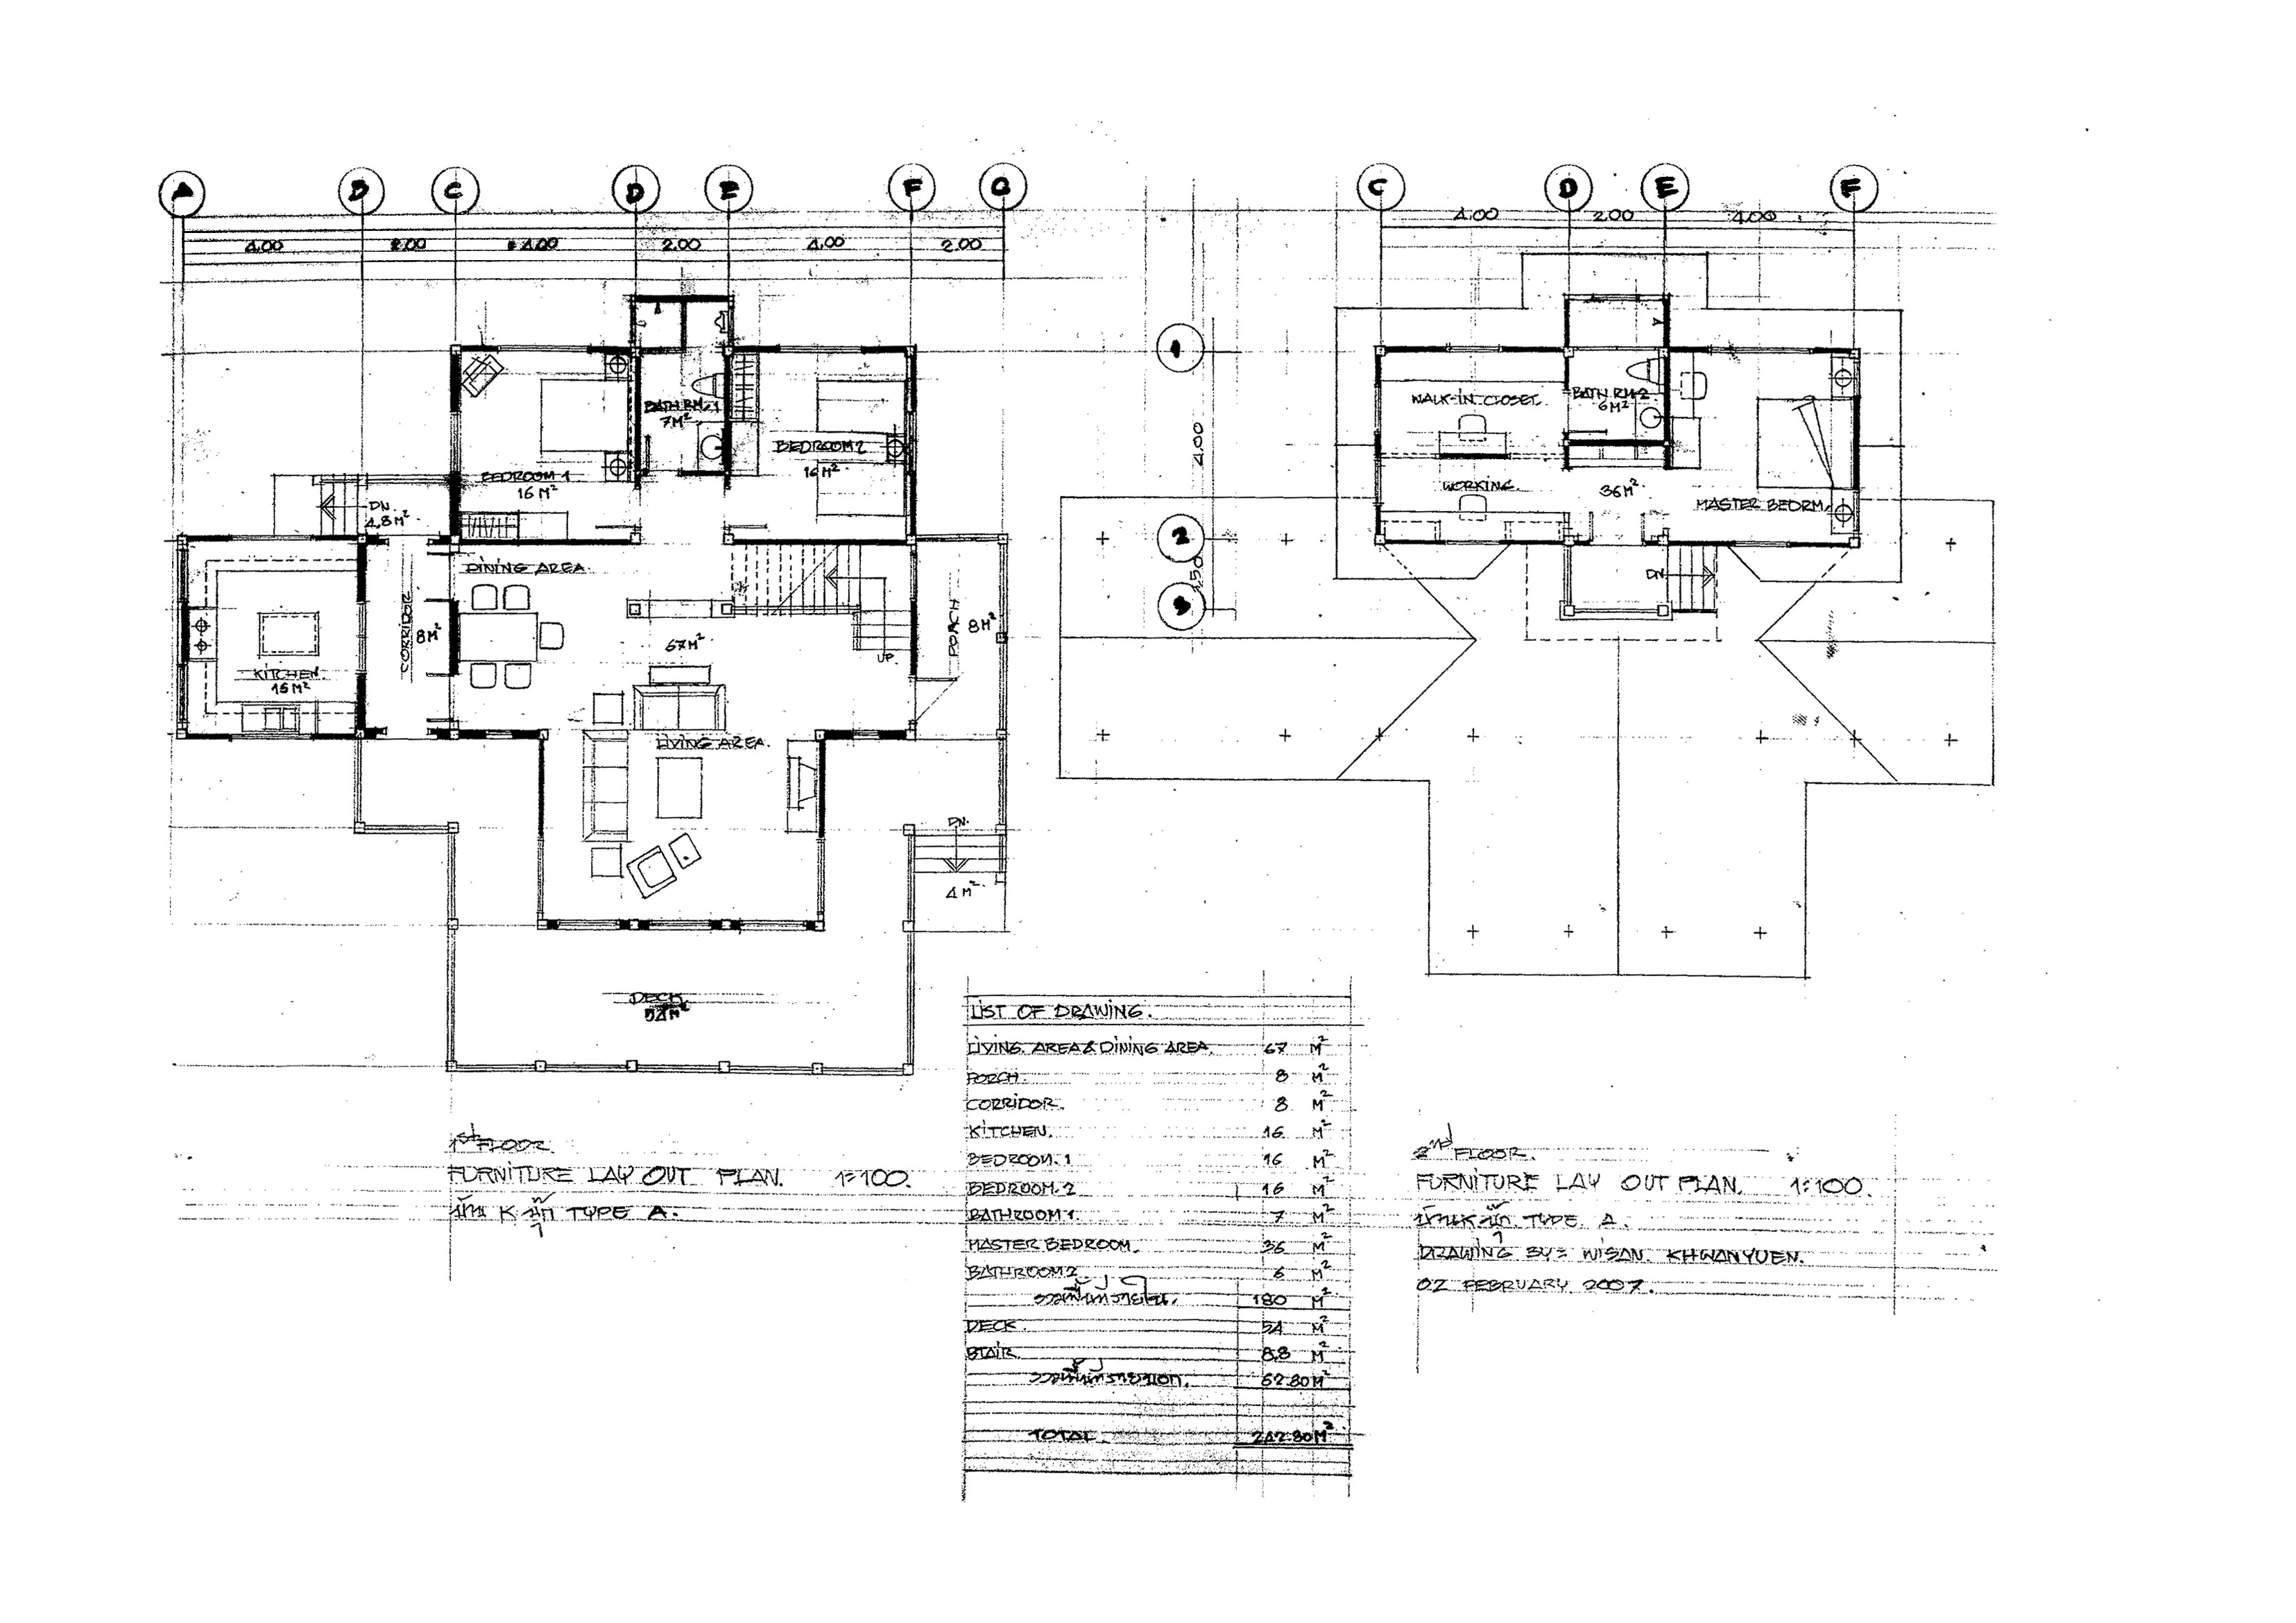 Bonanzabuilt-Portfolio-design2-2